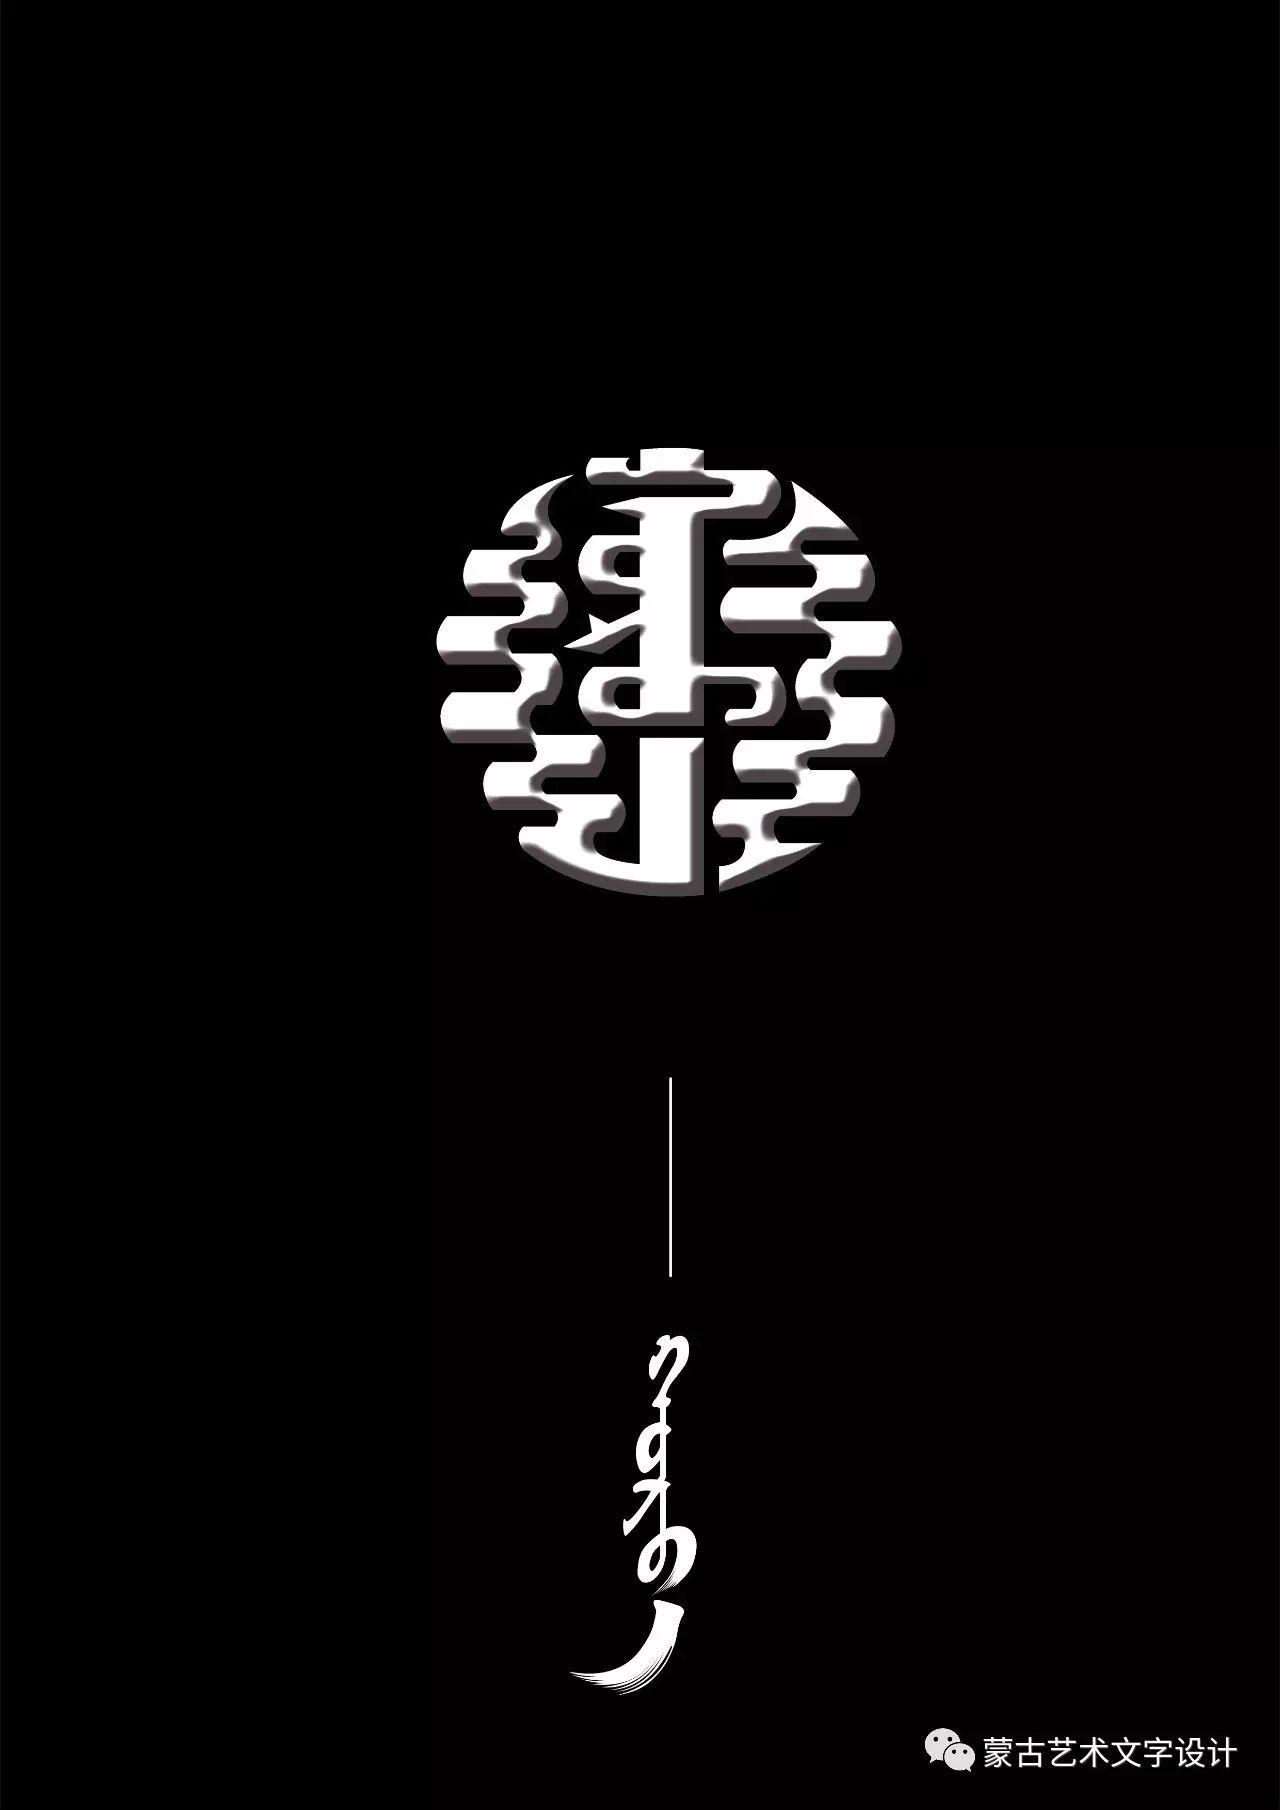 蒙古艺术文字设计 第77张